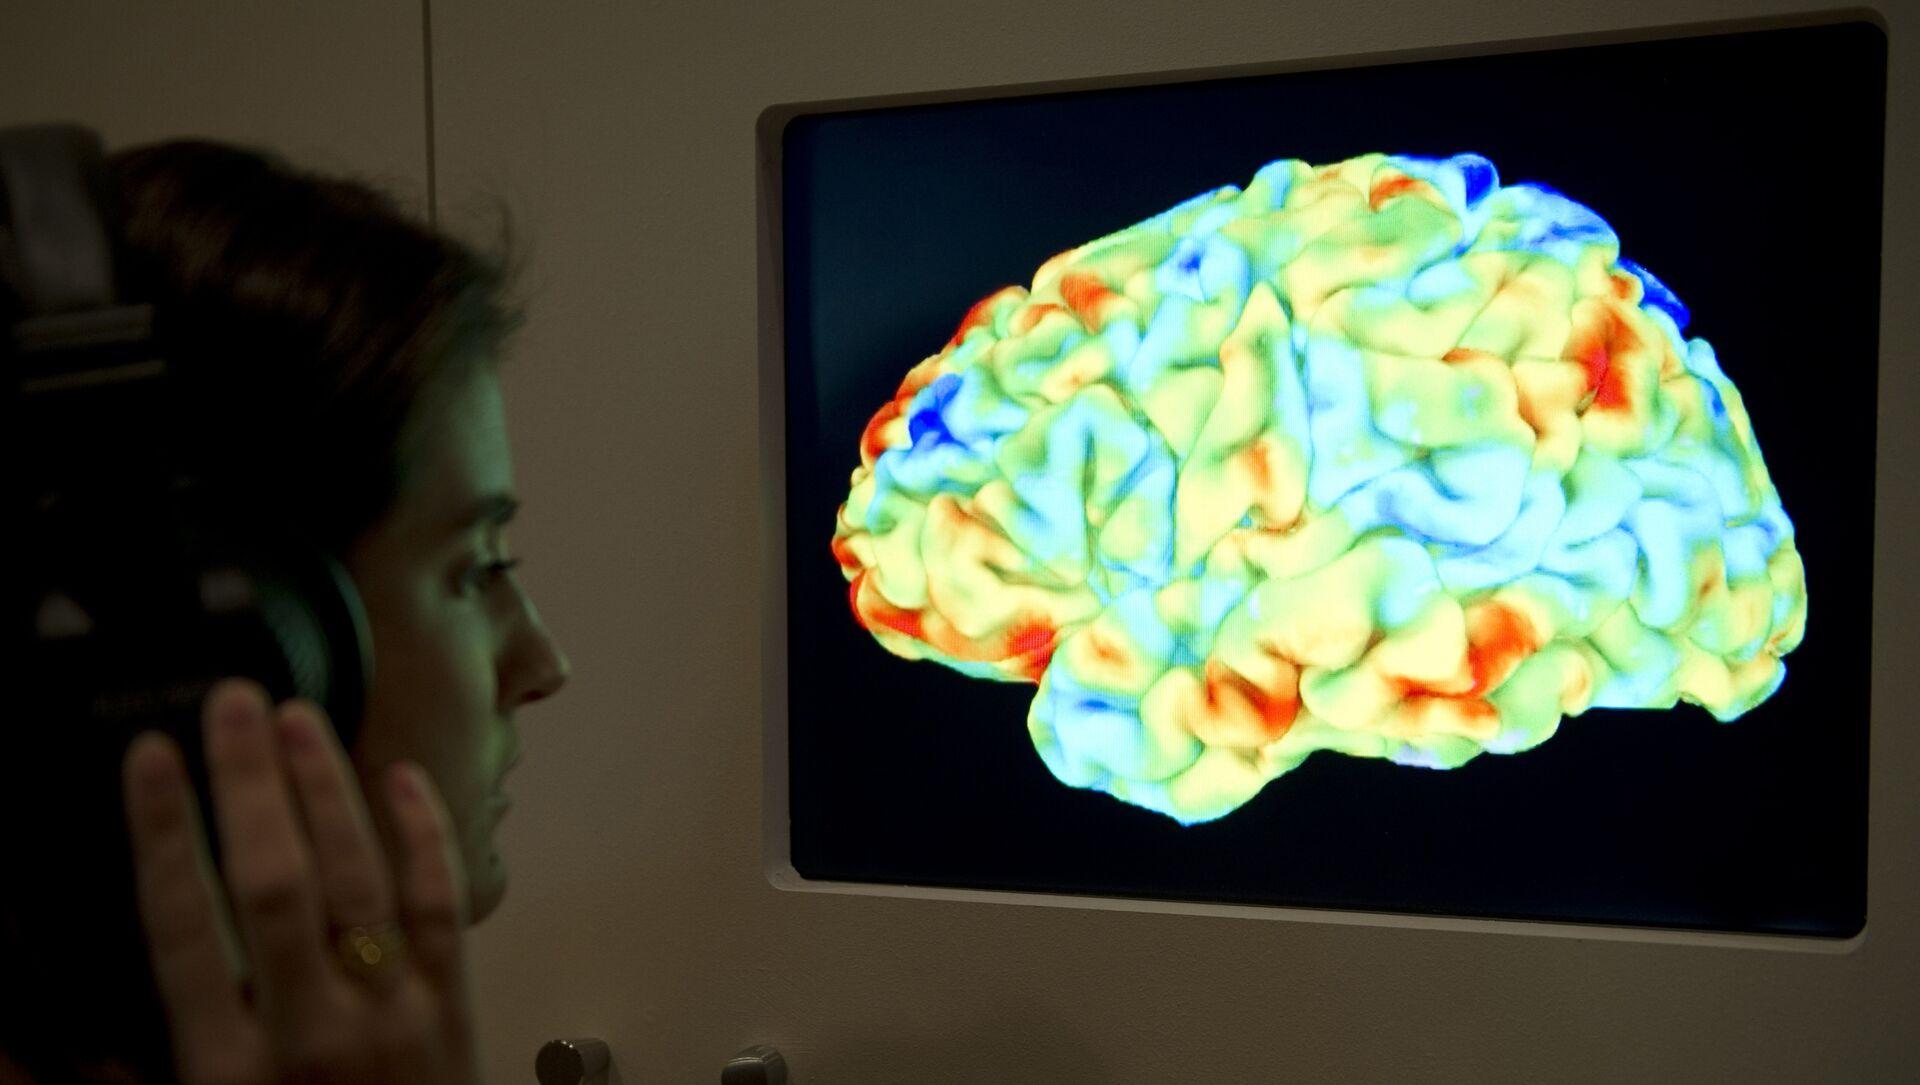 Žena posmatra funkcionalnu sliku magnetne rezonance koji pokazuje delove ljudskog mozga - Sputnik Srbija, 1920, 12.02.2021